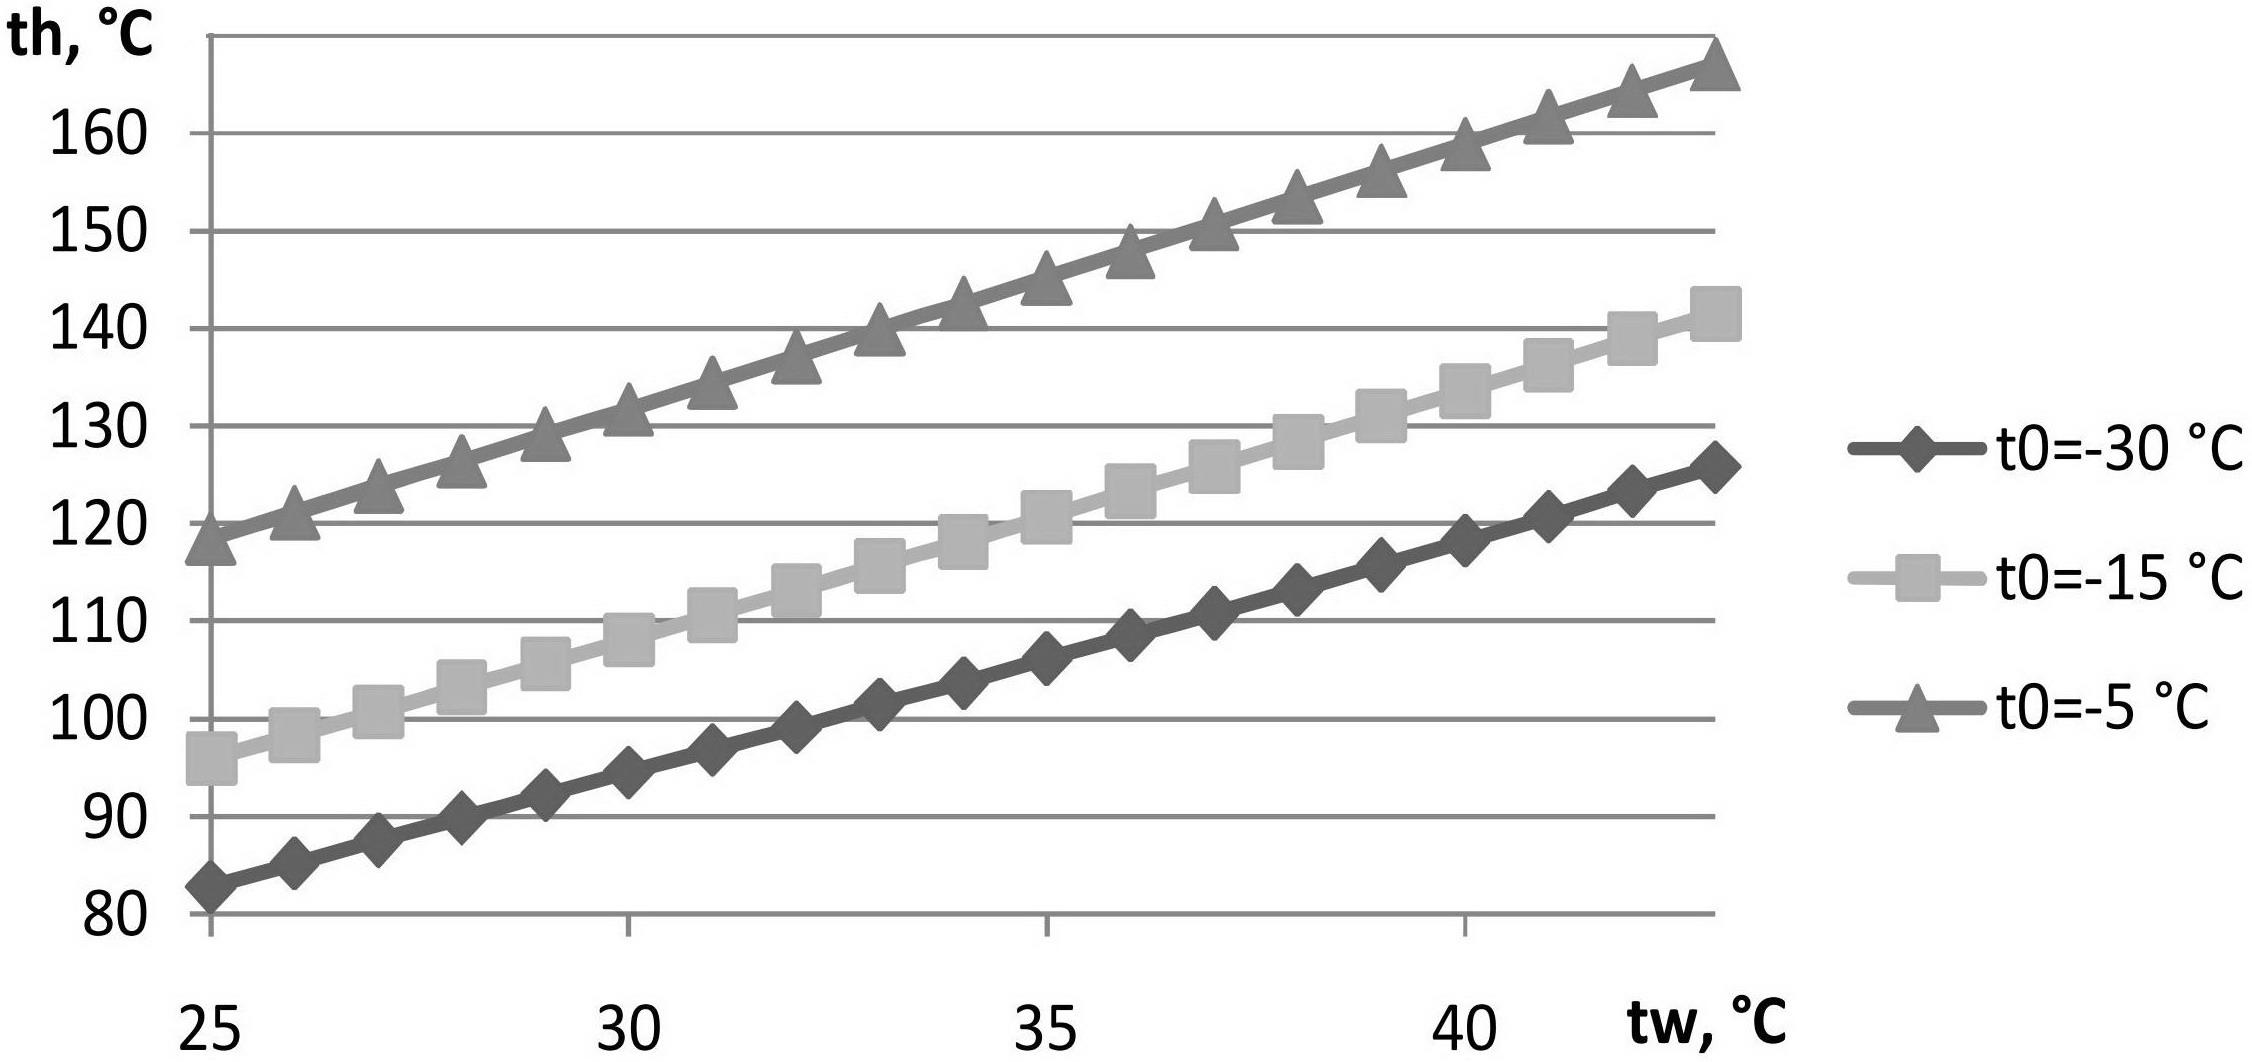 Рис. 2. Результаты расчета минимальной температуры греющего источника th в зависимости от температур охлаждаемого объекта to и охлаждающей воды tw